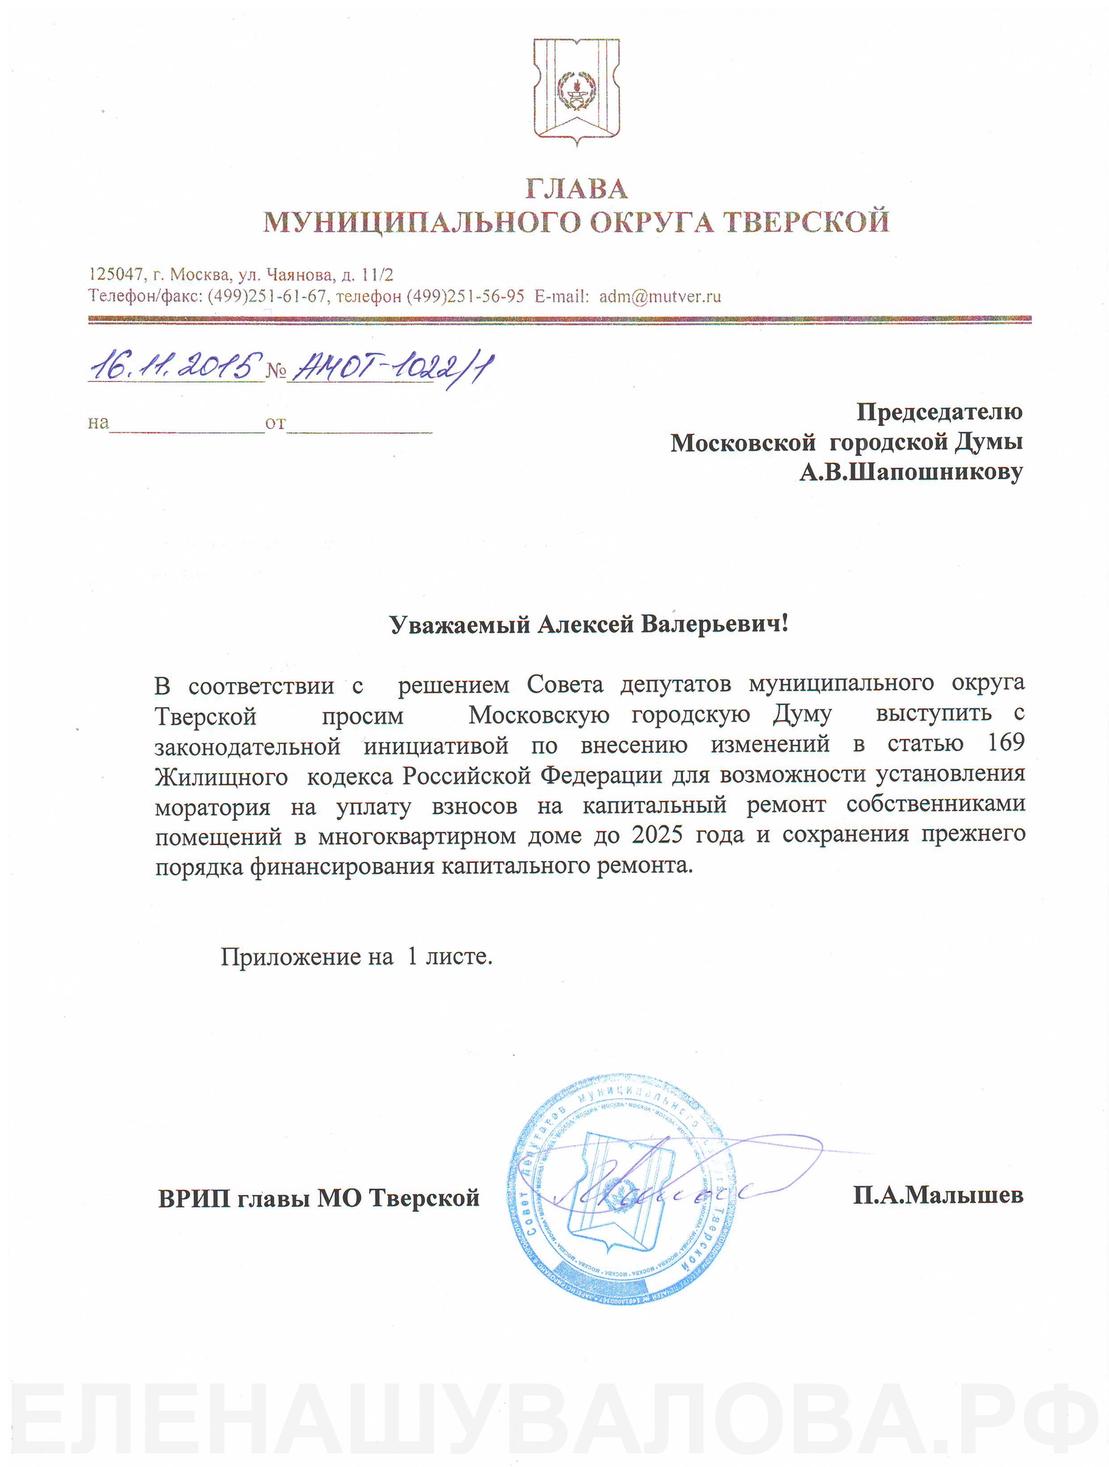 Письмо Шапошникову о моратории на капремонт